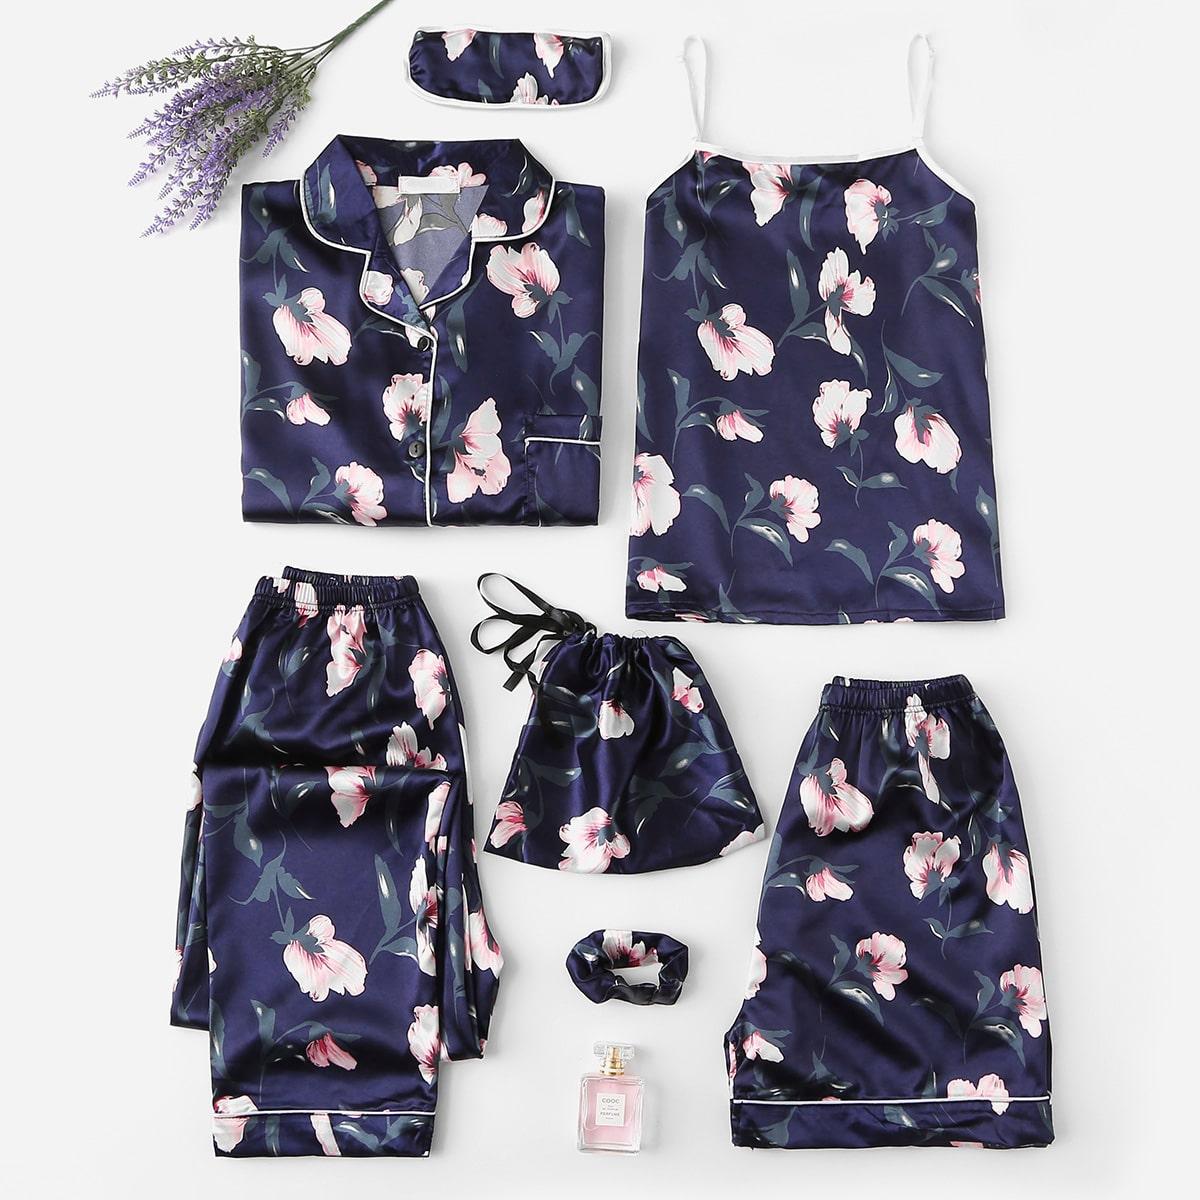 SHEIN / Satin Pajama mit Blumen Muster Set 7 pcs